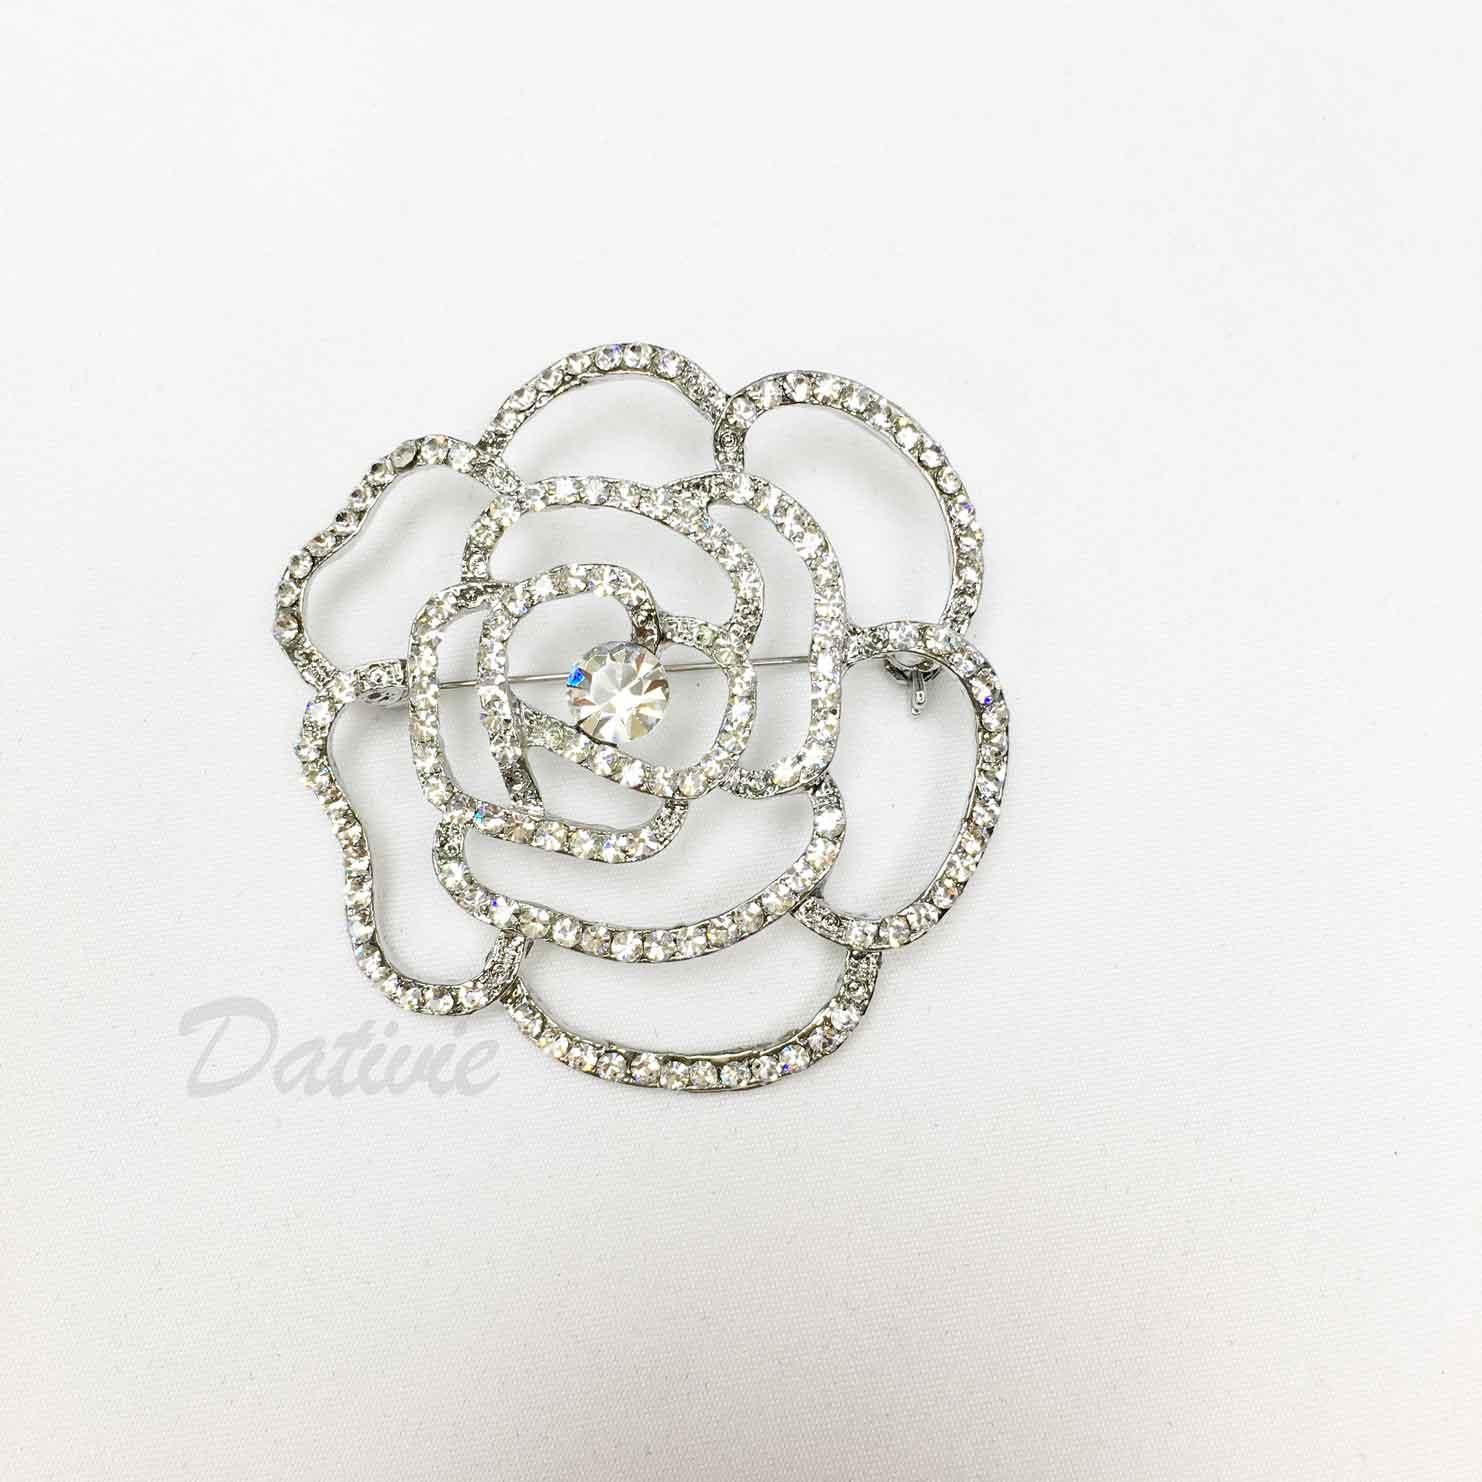 大花朵 簍空 線條 空心 水鑽 白鑽 單個 胸針